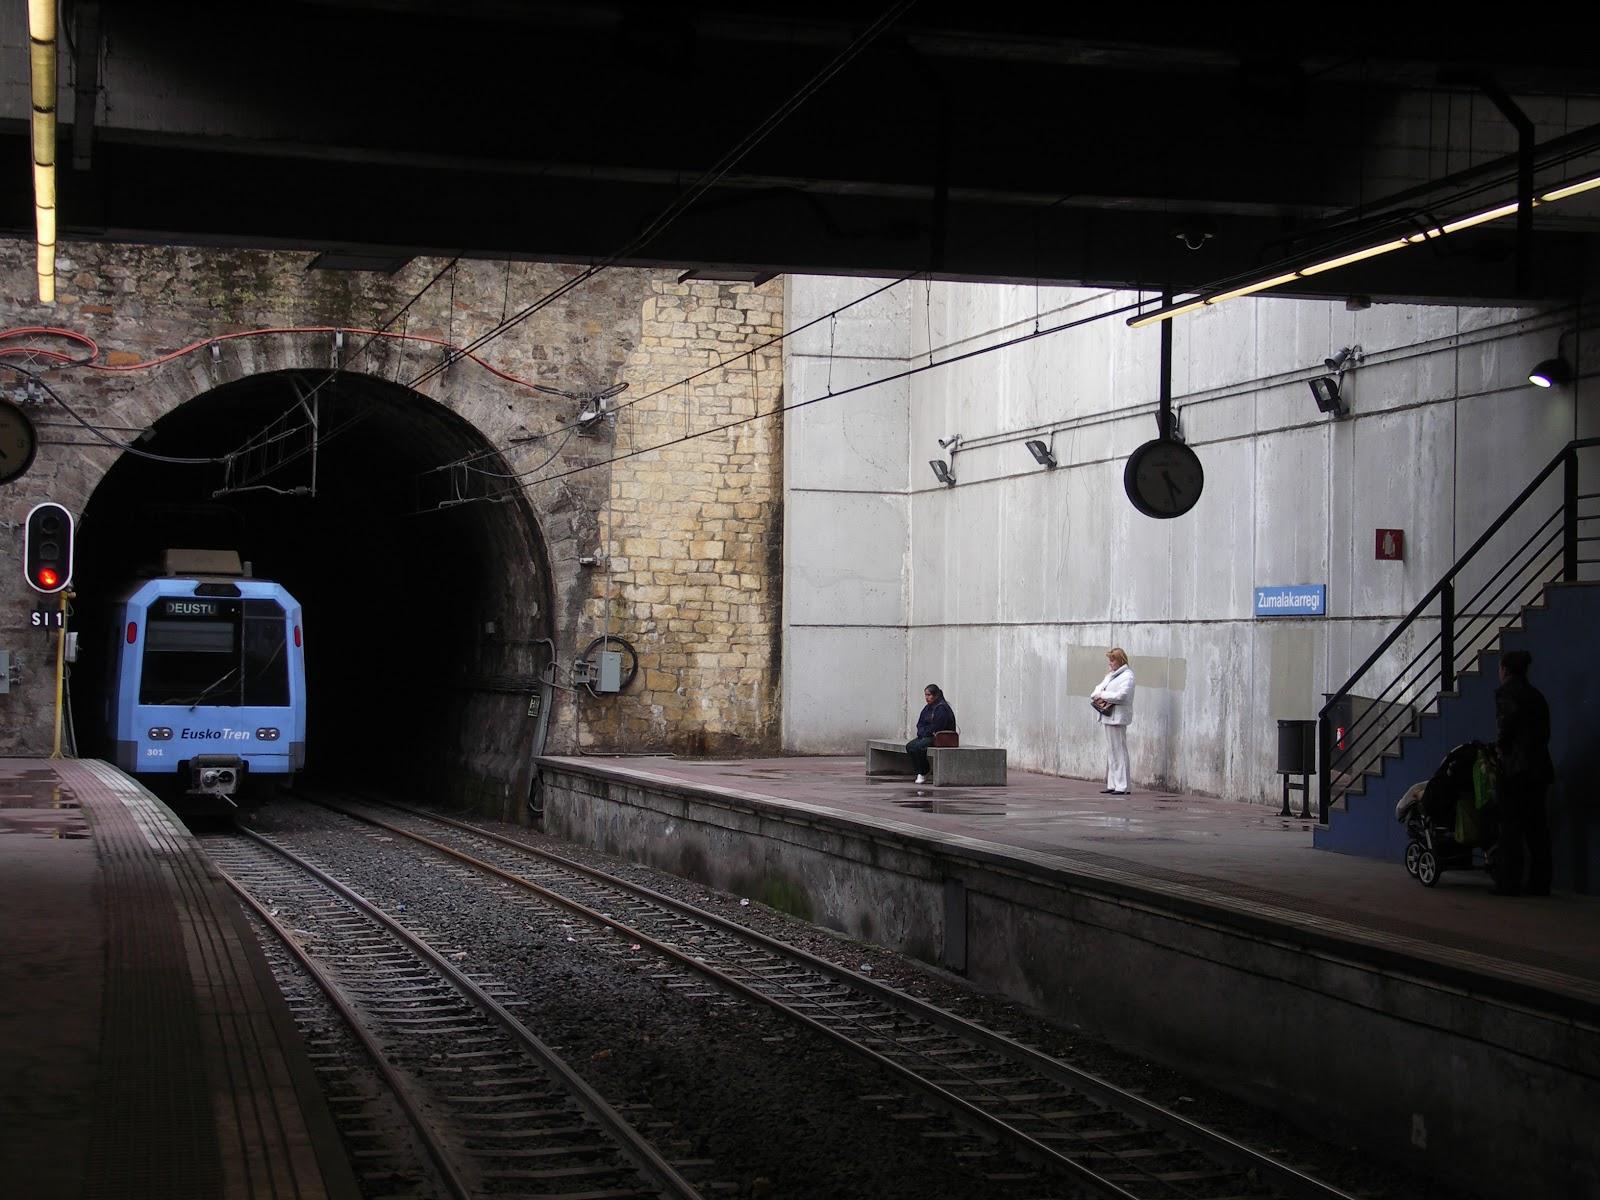 PICT2116 Estacion de Zumalacarregui , linea Bilbao a la sarenas, vaguada